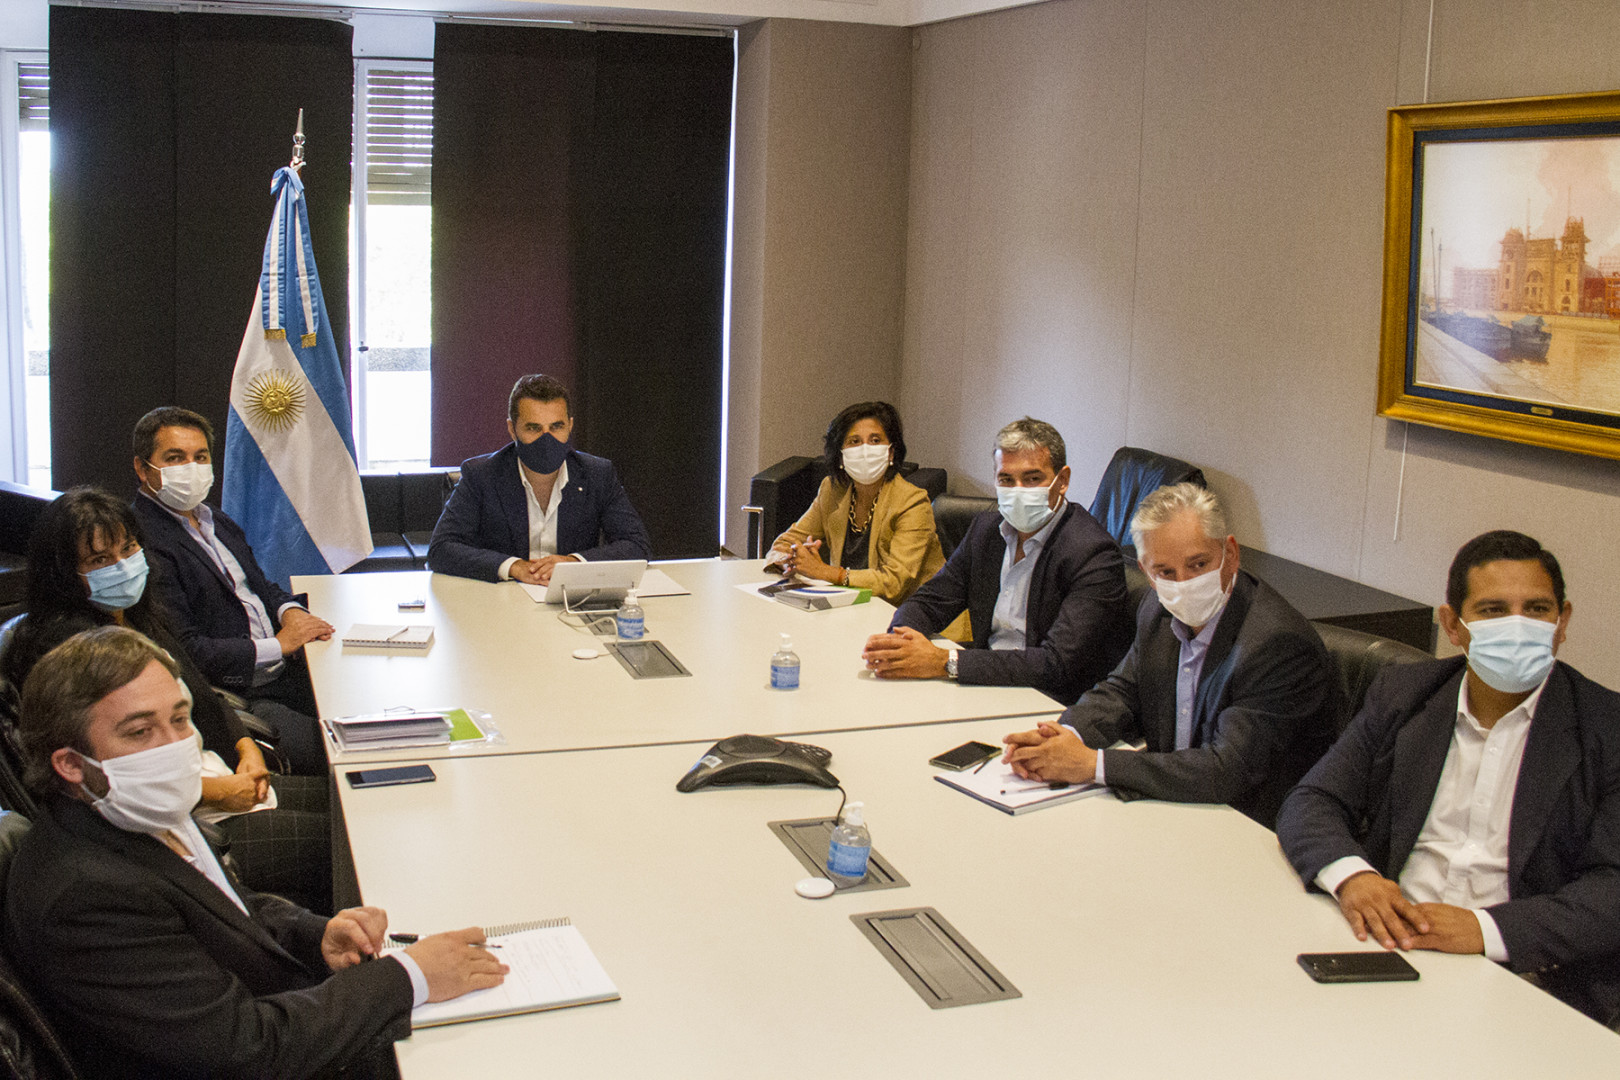 Chubut y otras provincias petroleras le reclamaron a Darío Martínez conocer el nuevo proyecto de Ley de Hidrocarburos